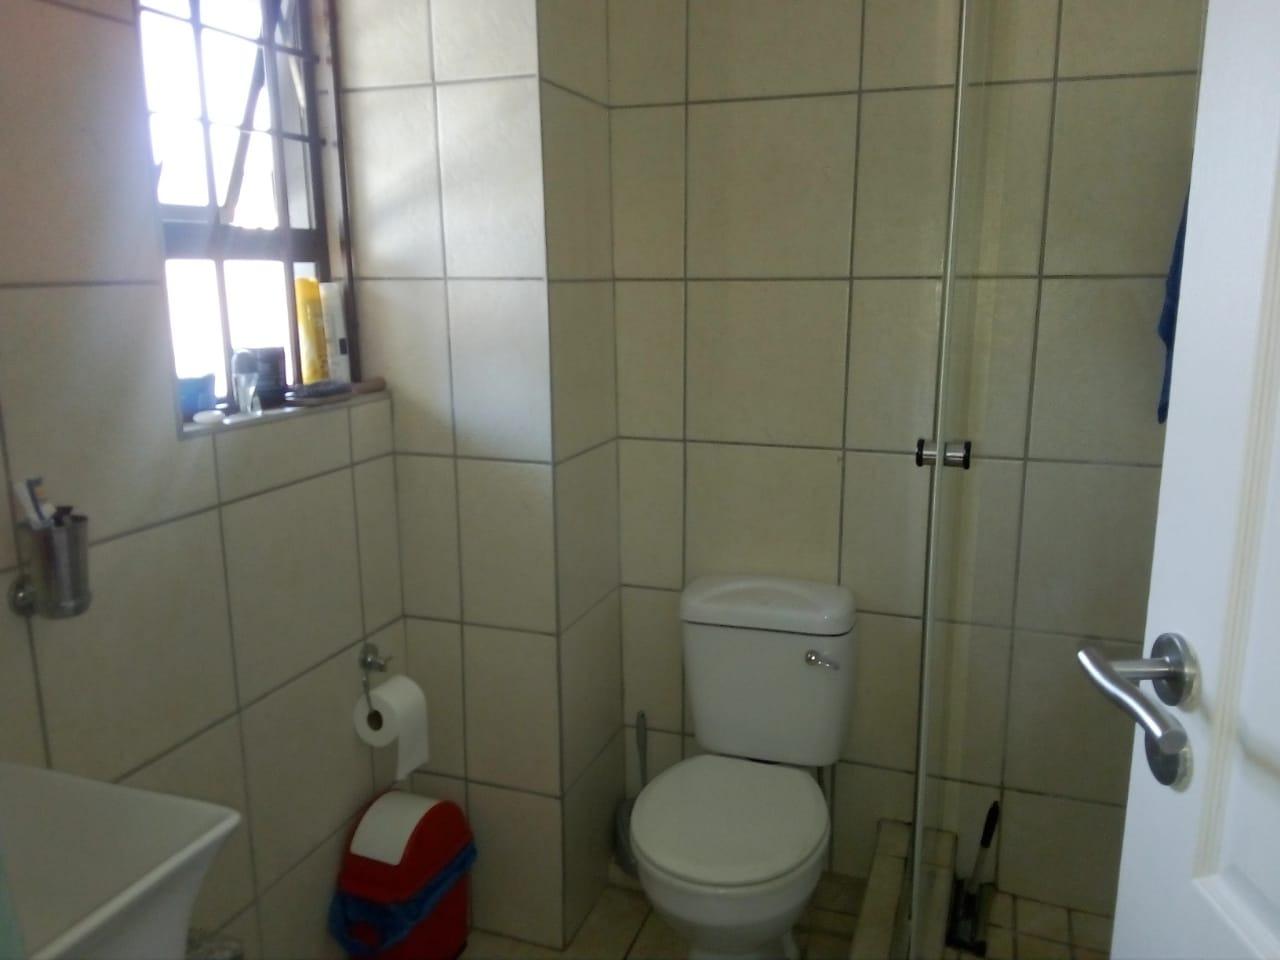 Bathroom.jpeg